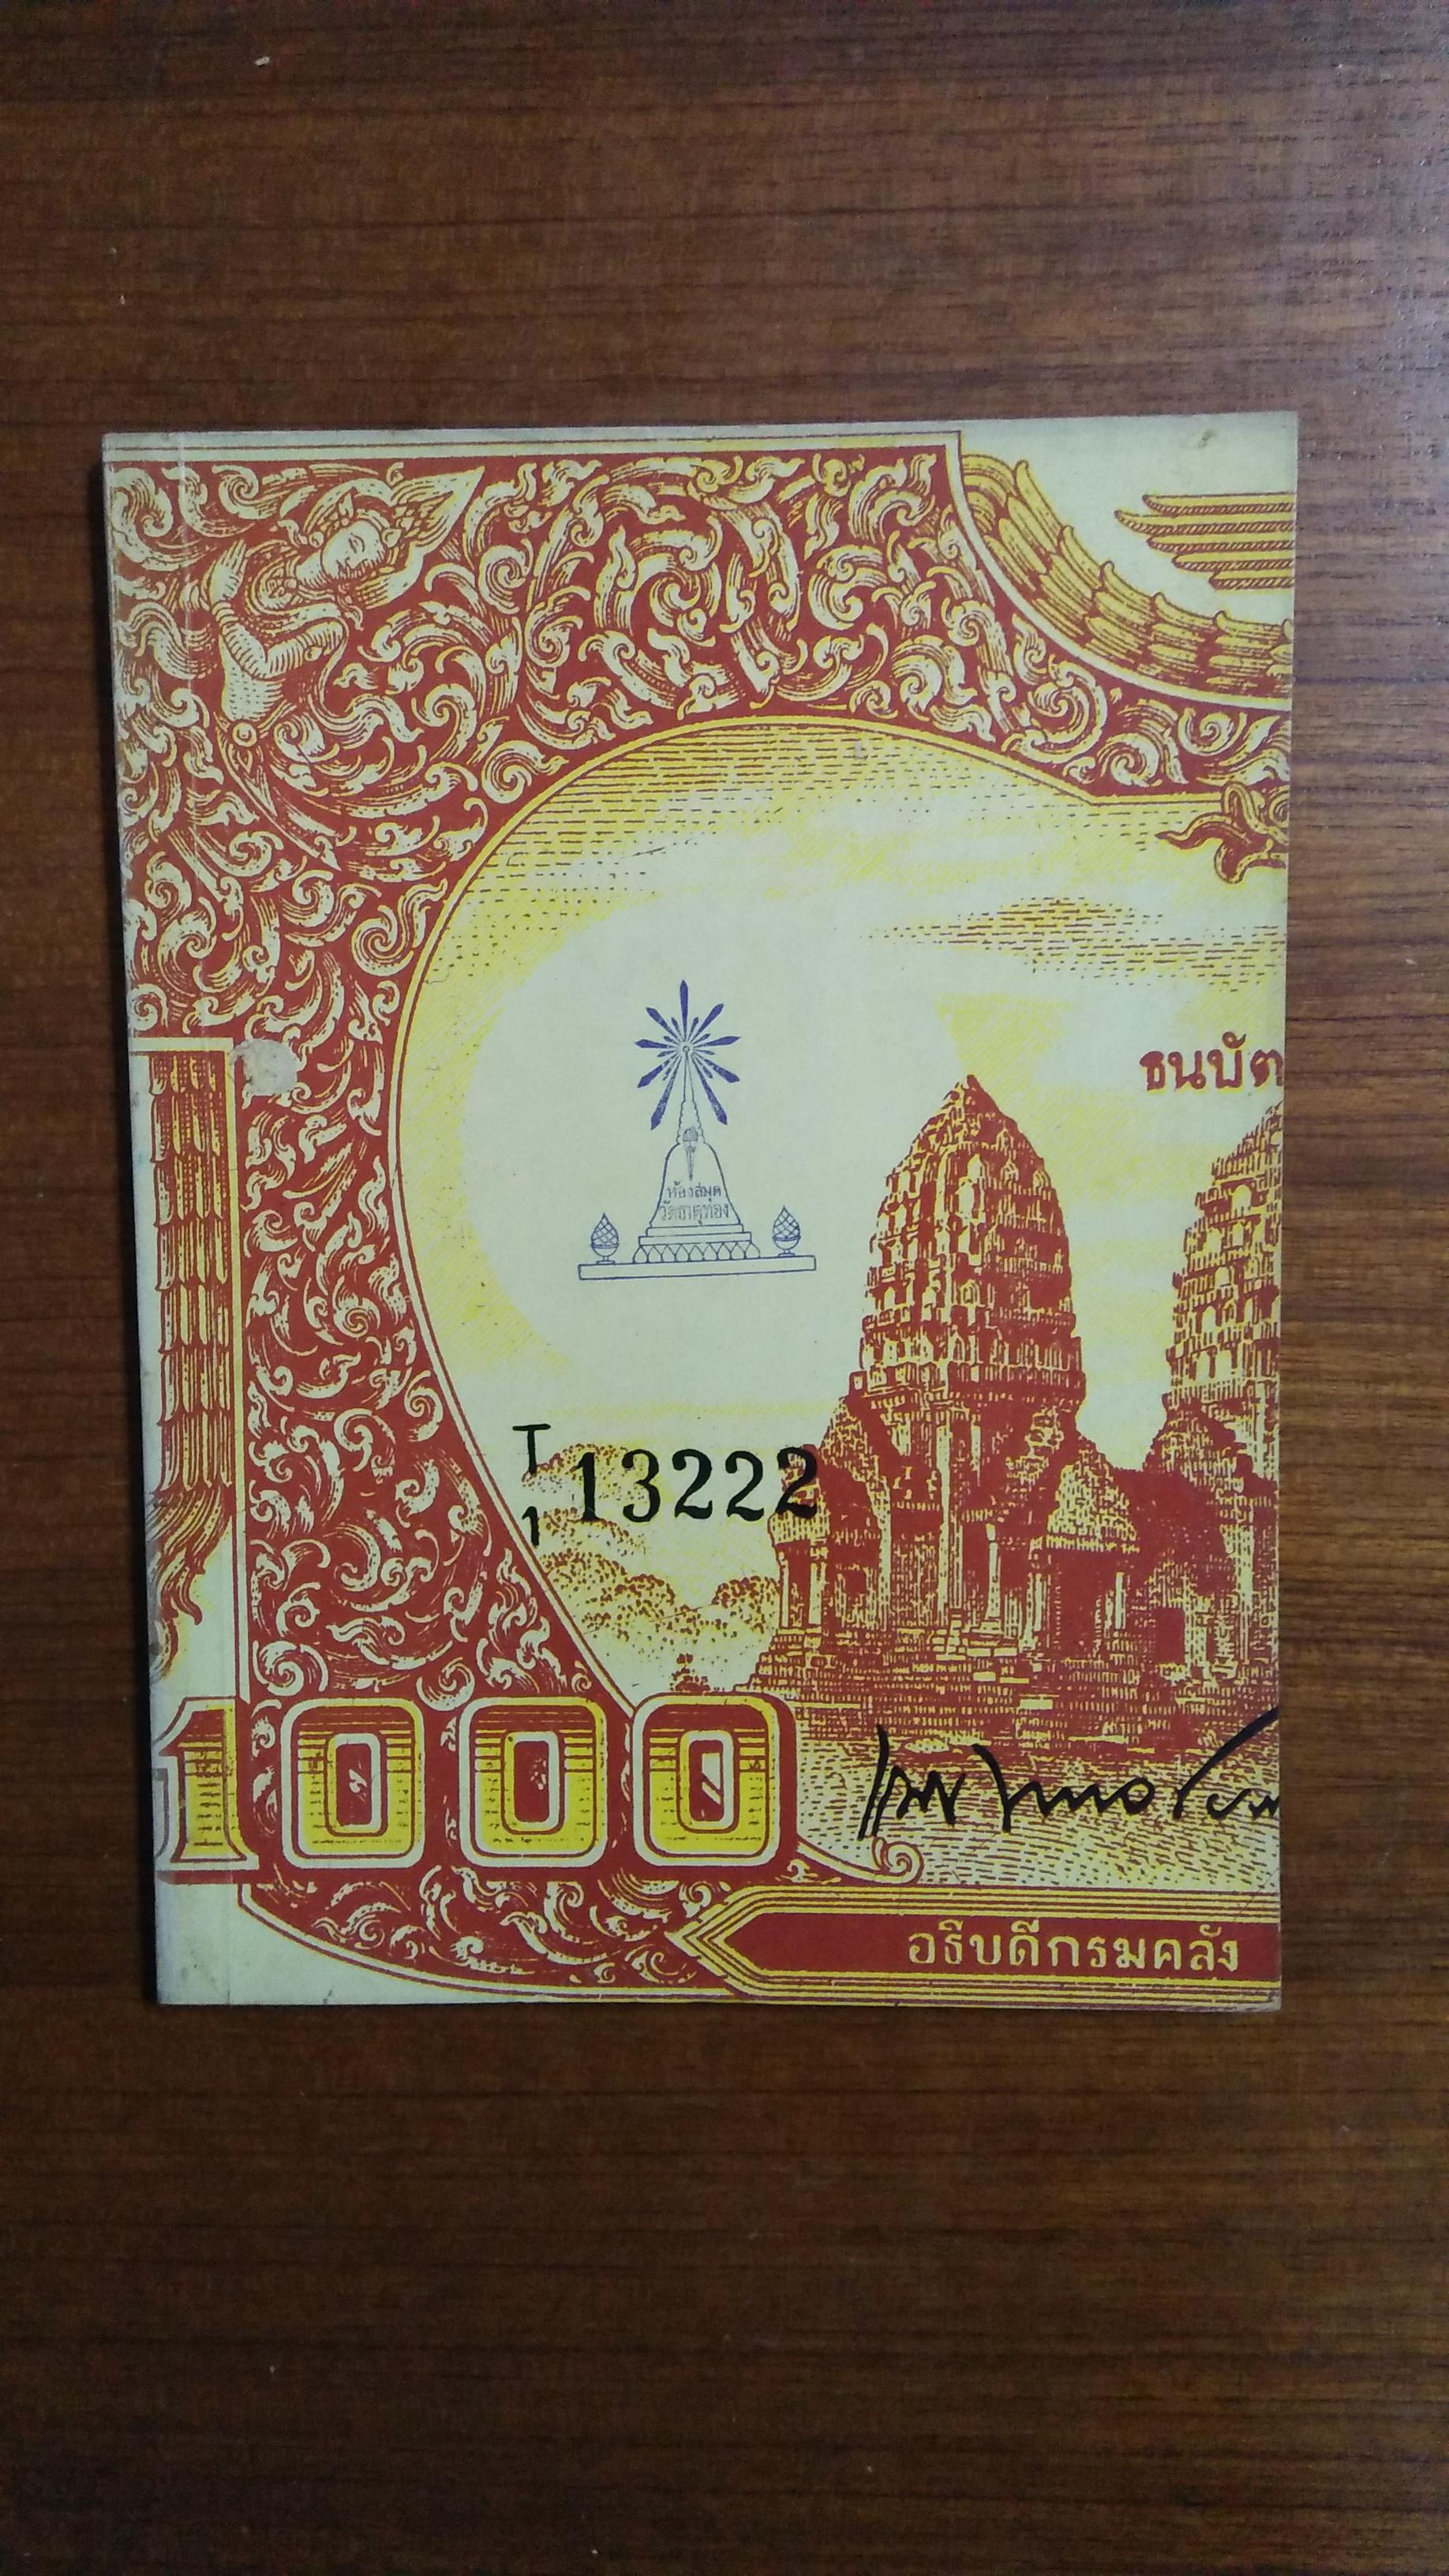 ธนาคาร แห่งประเทศไทย พิมพ์เป็นอนุสรณ์งานพระราชทานเพลิงศพ นายแนบ พหลโยธิน